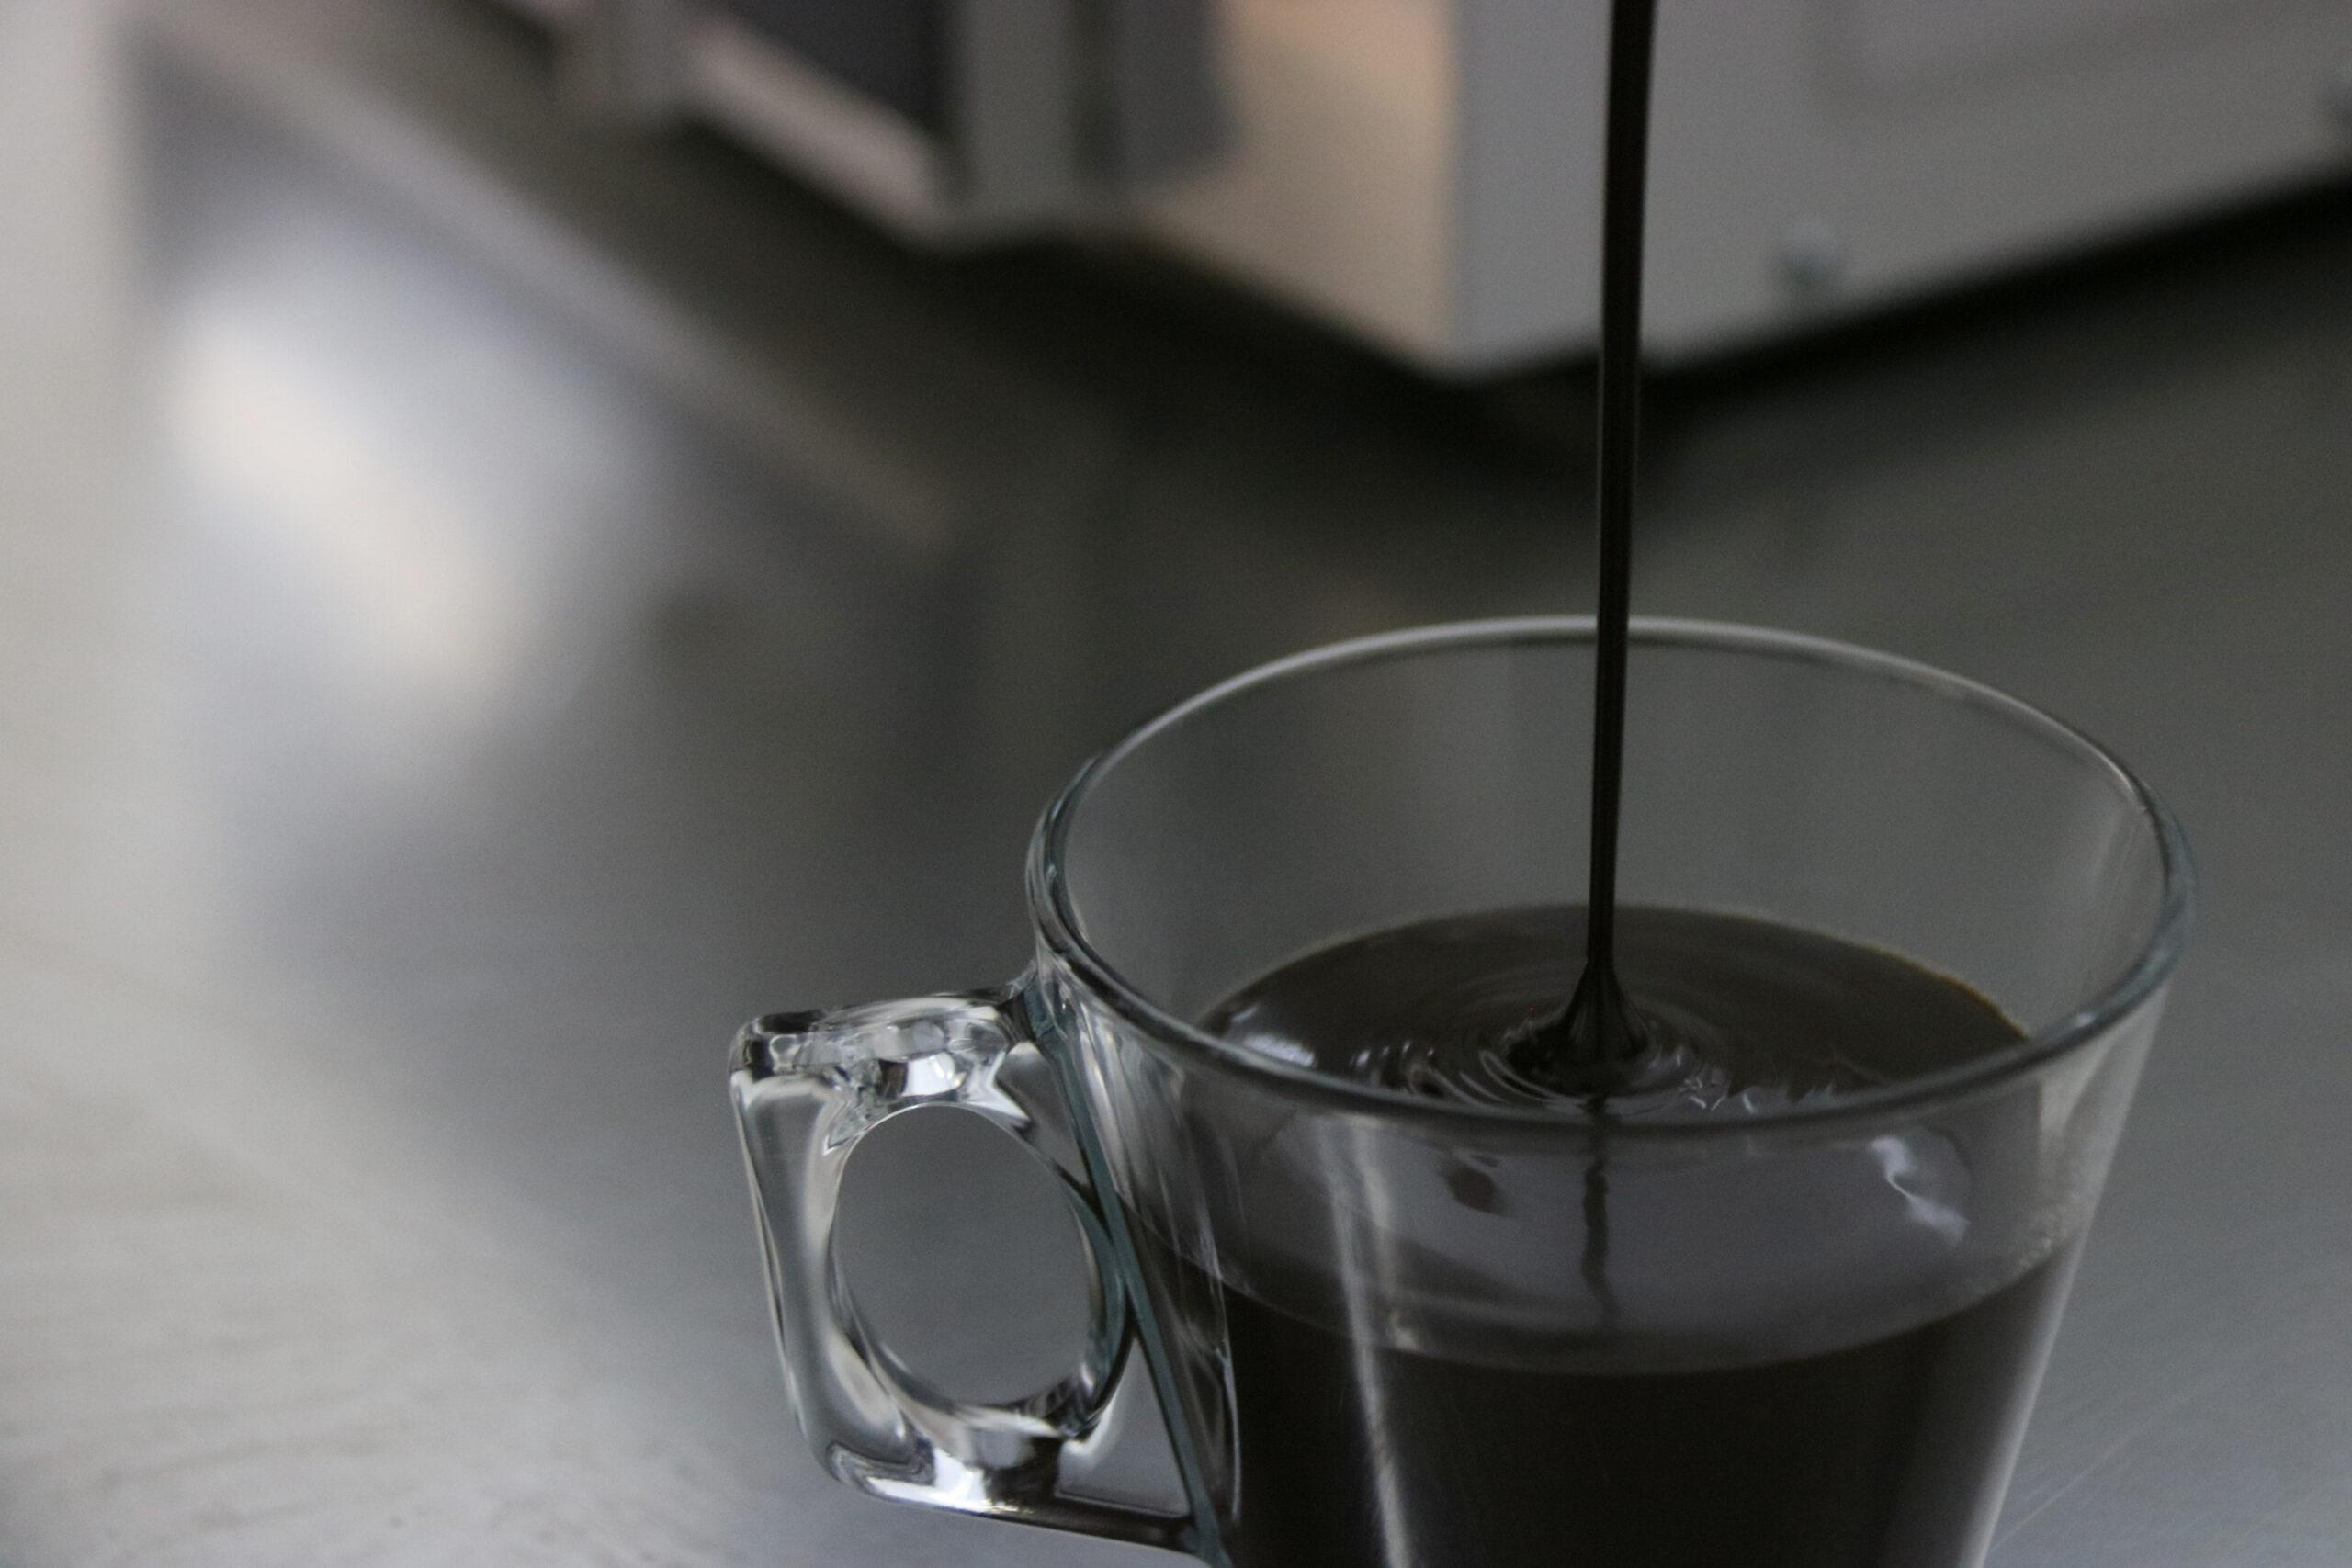 Una xocolata desfeta invent del propietari de Kakau, Marc Reventós | ACN